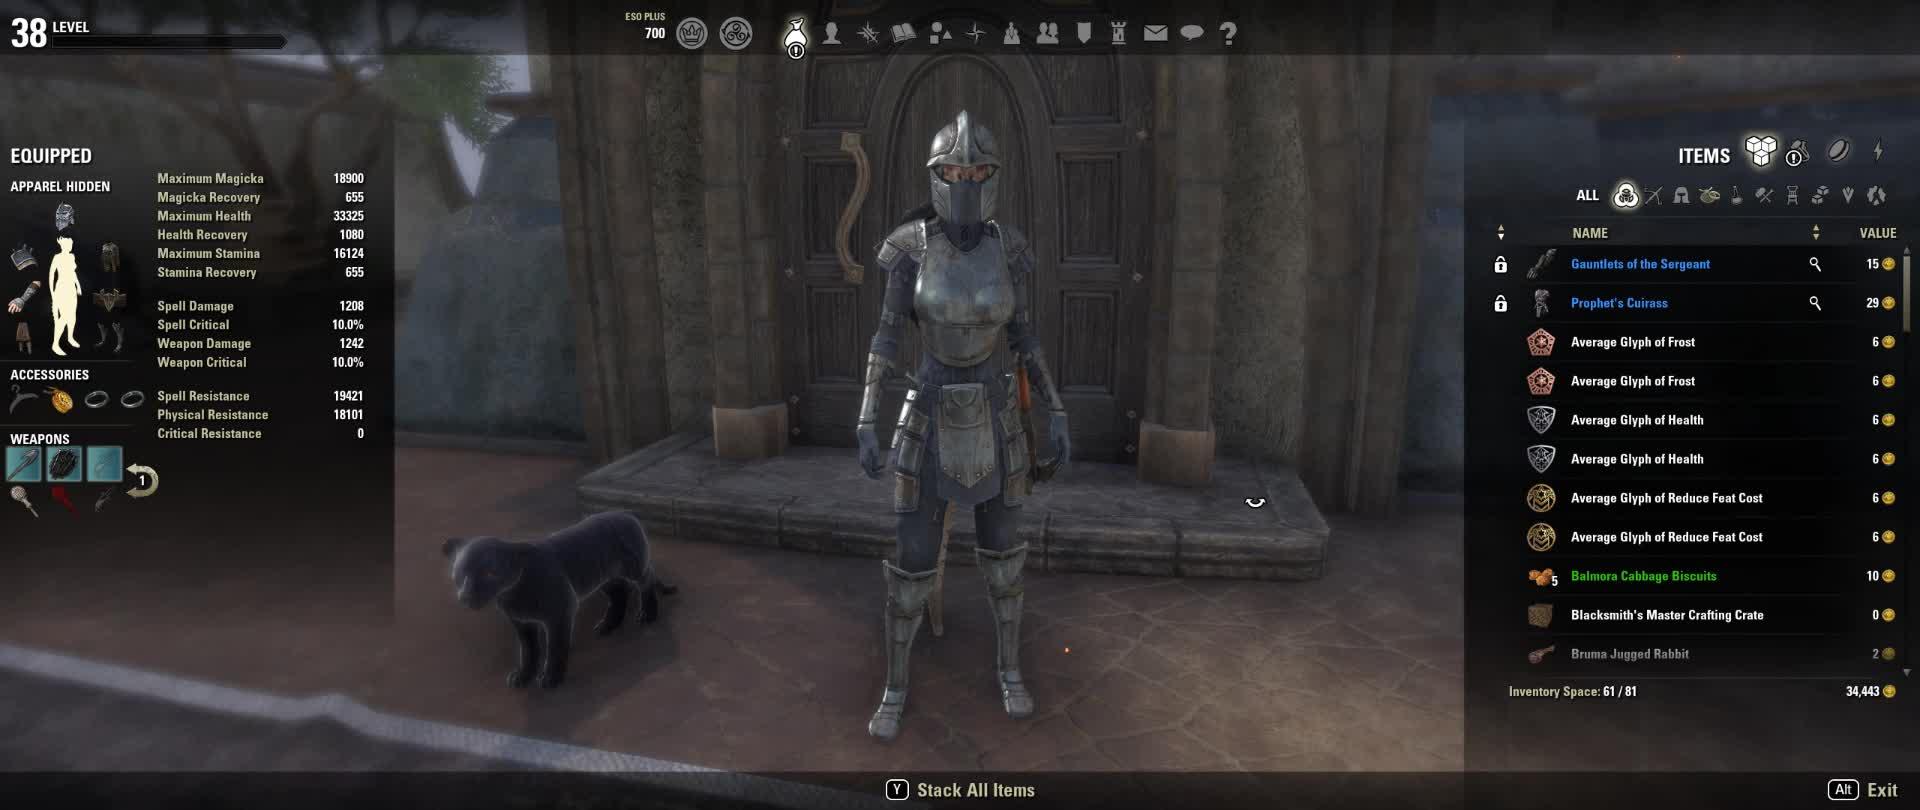 elderscrollsonline, Elder Scrolls Online 2018.06.25 - 09.27.30.03 GIFs